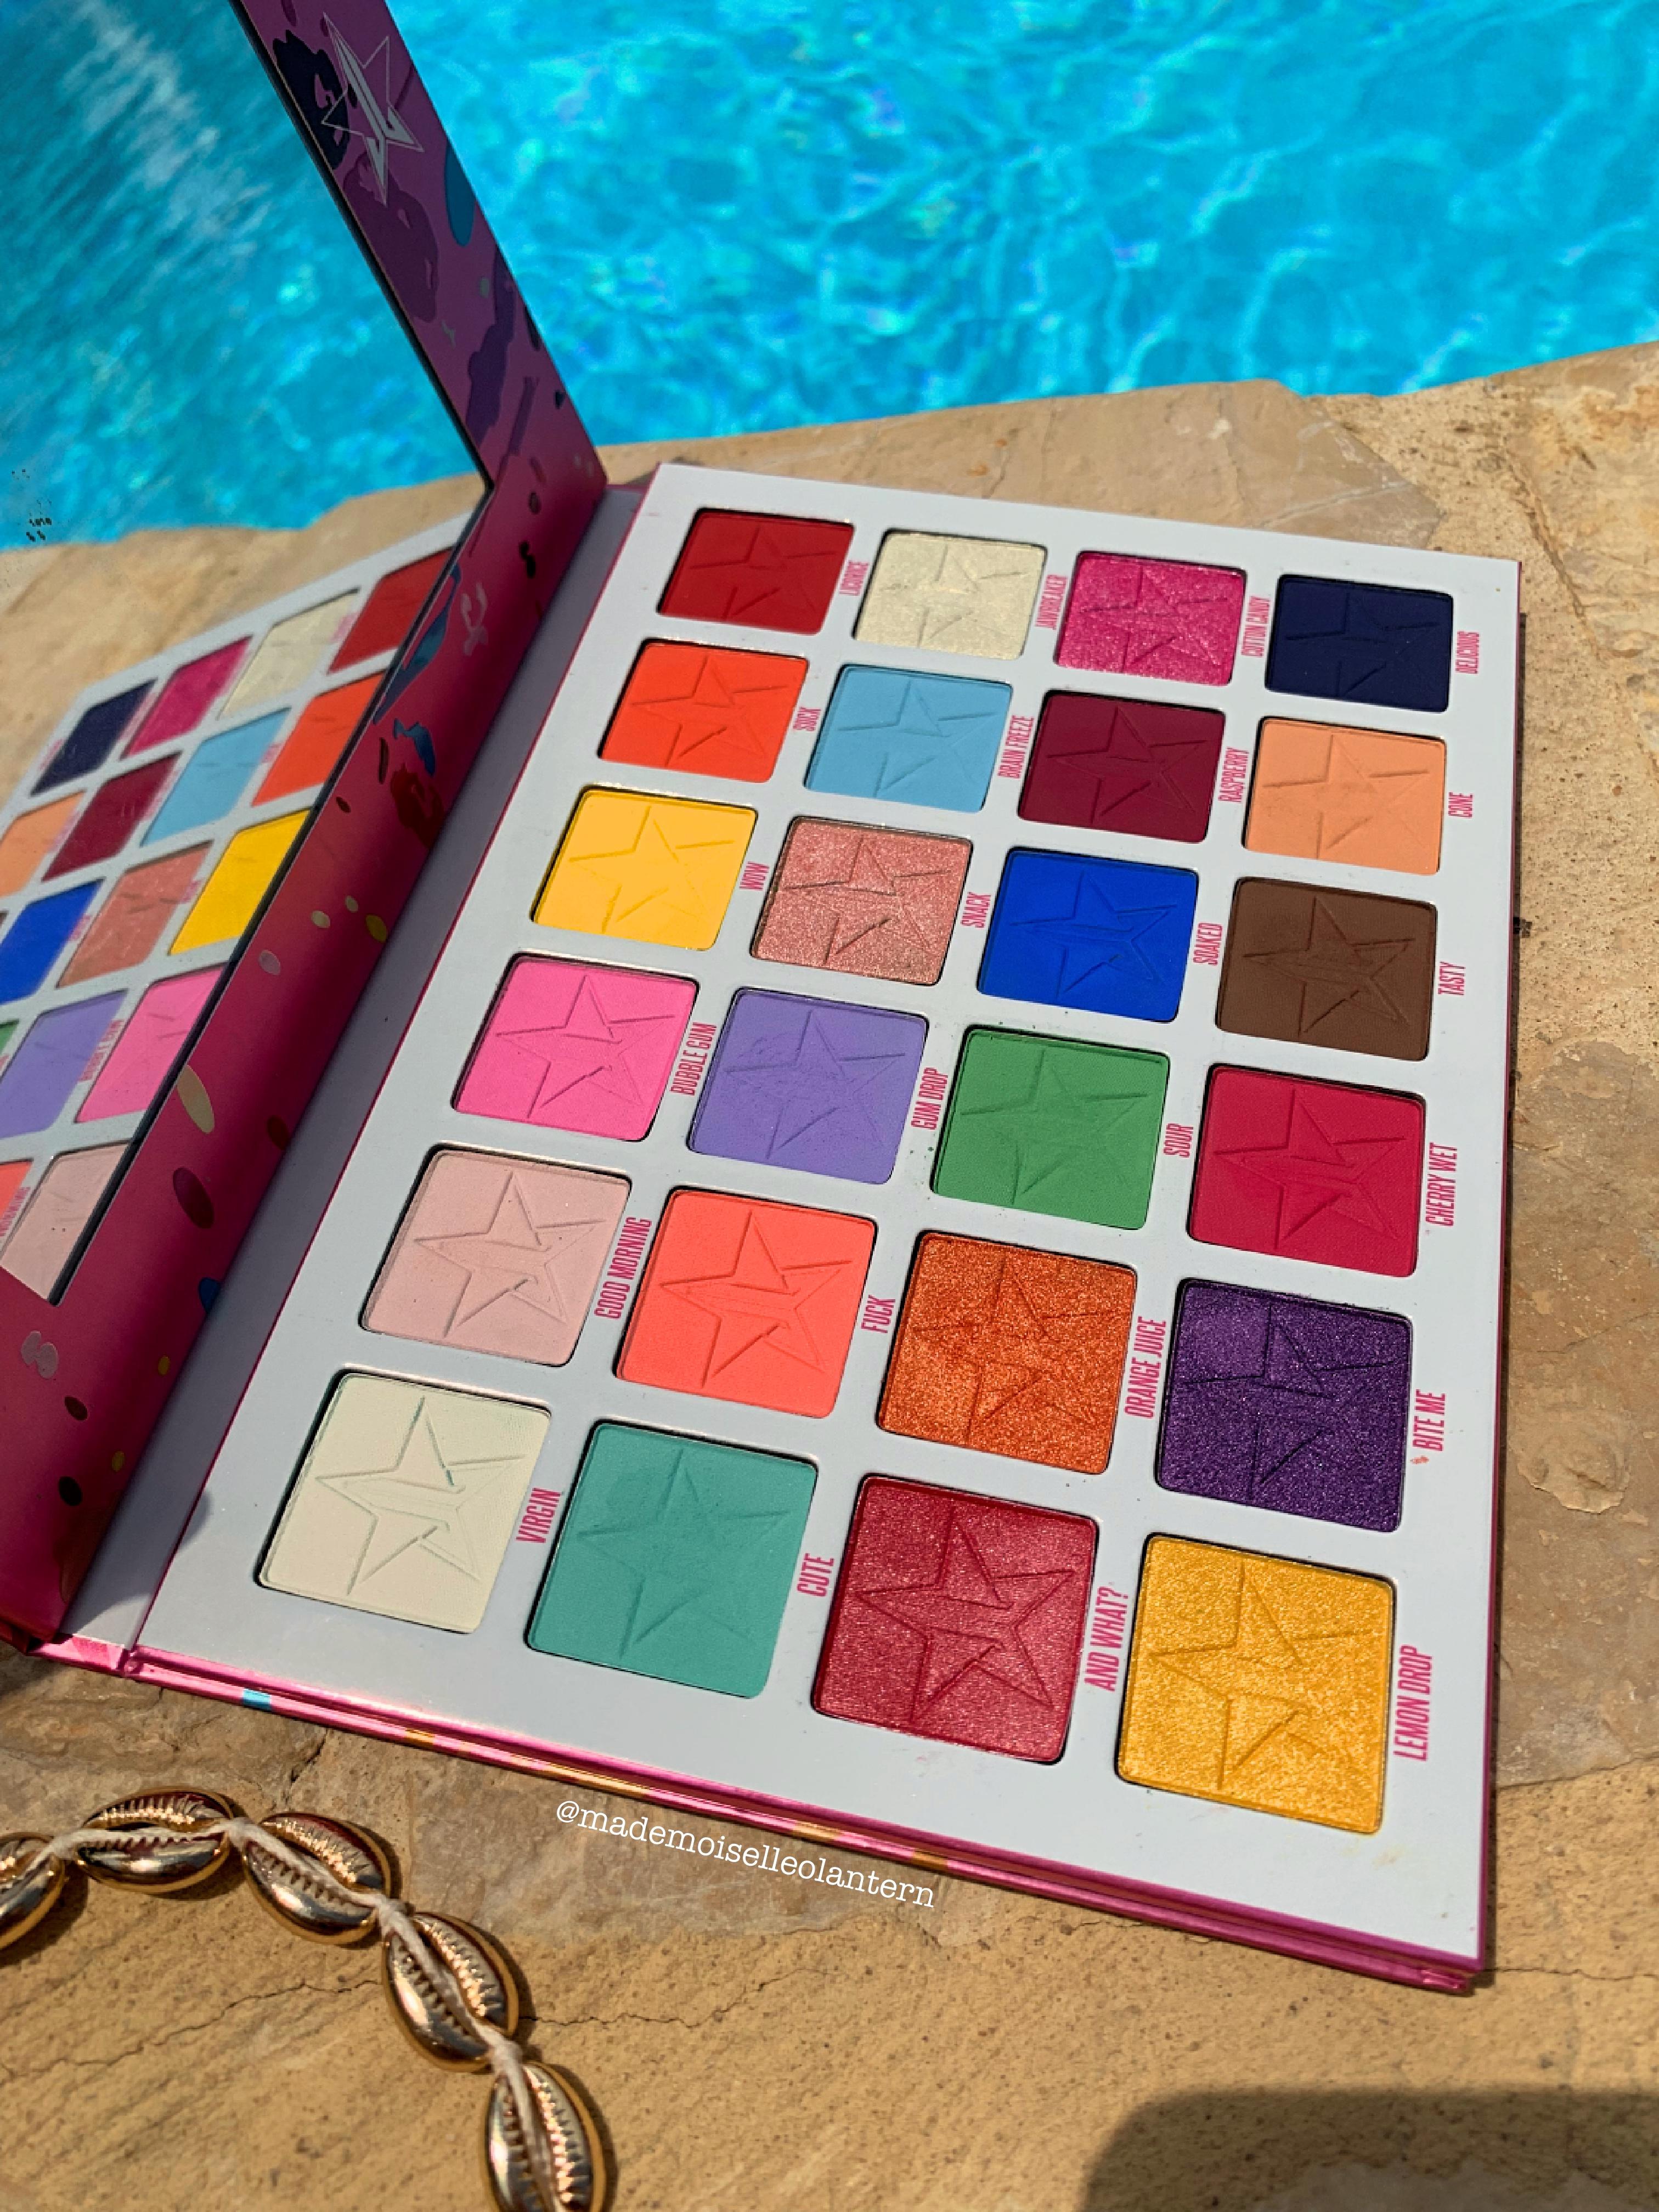 jawbreaker palette review.jpg